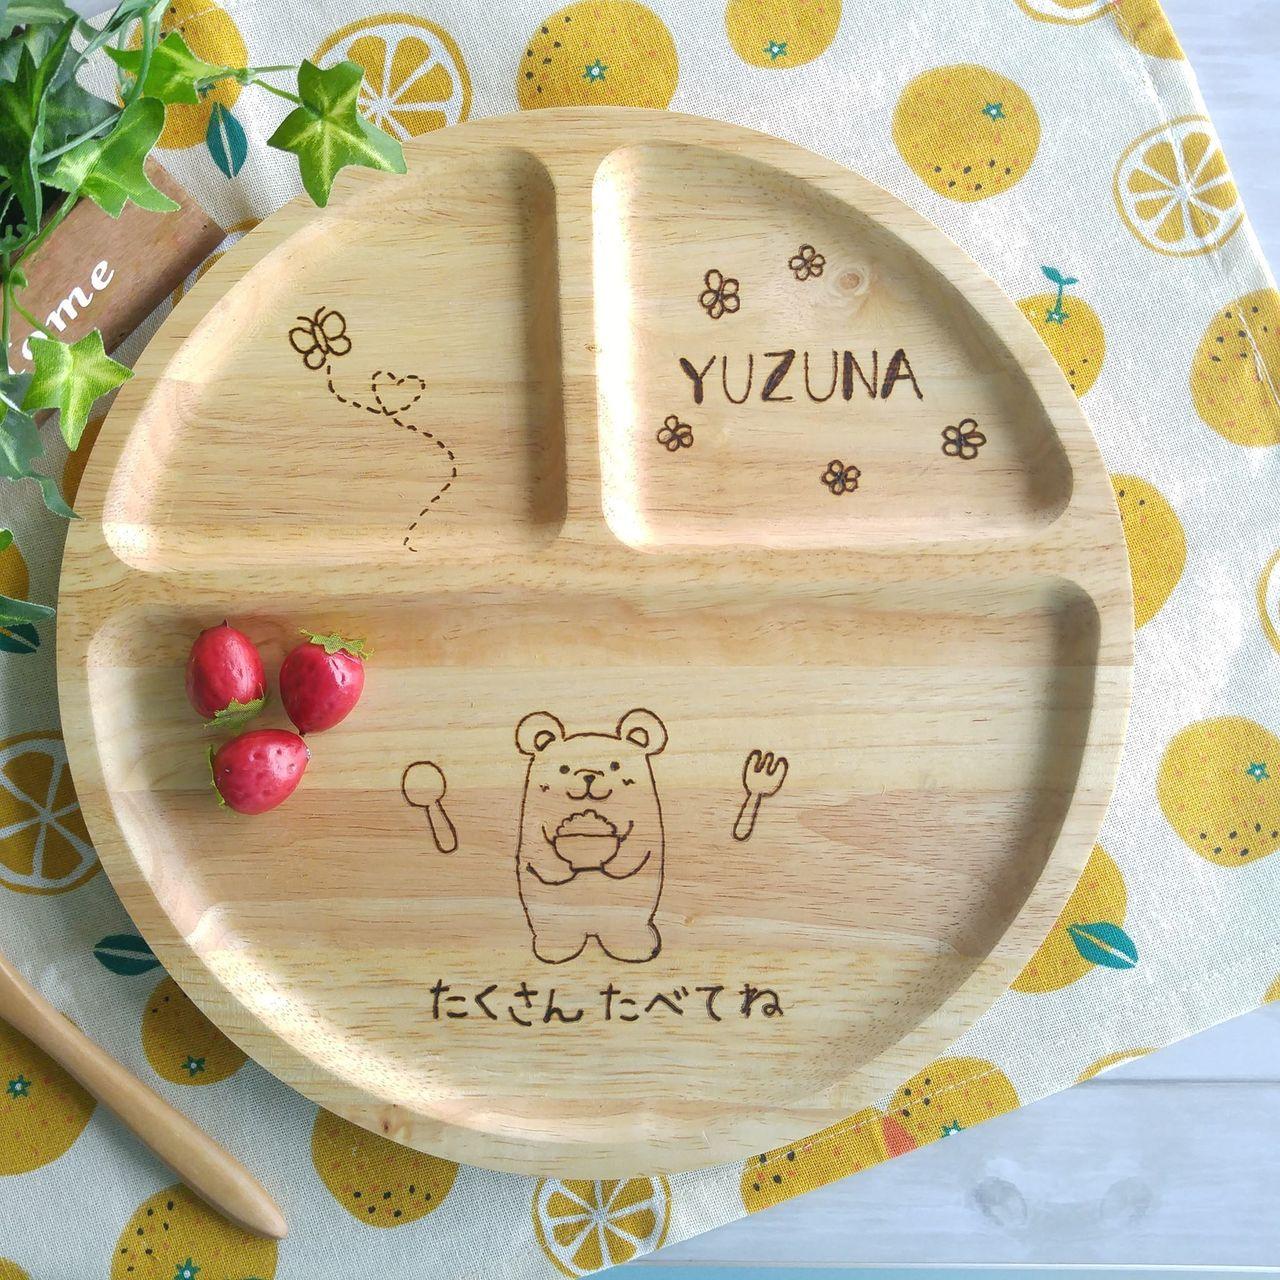 食卓に彩を!お家で使える食器作りフェア-ウッドバーニングで食器作り-【鶴見】2019年4月7日(日)